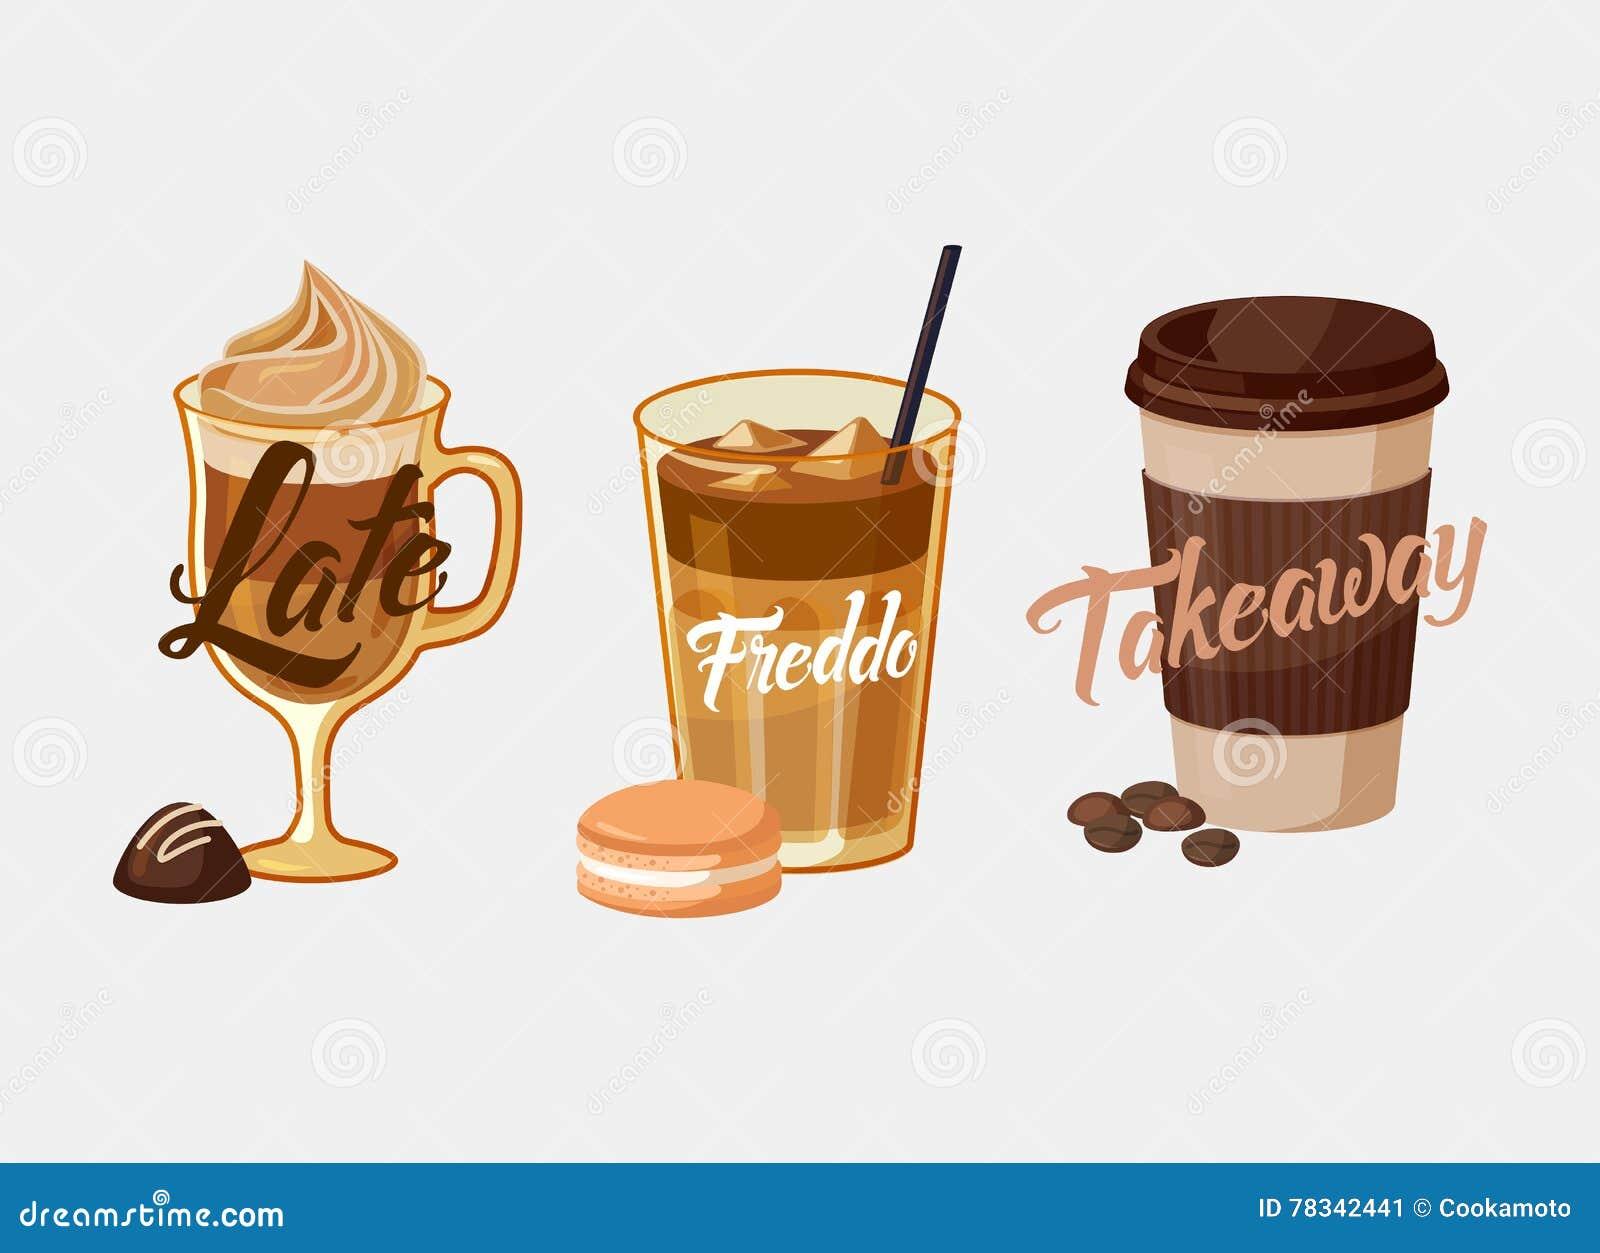 Latte o moca y freddo helados, manga del café de la taza